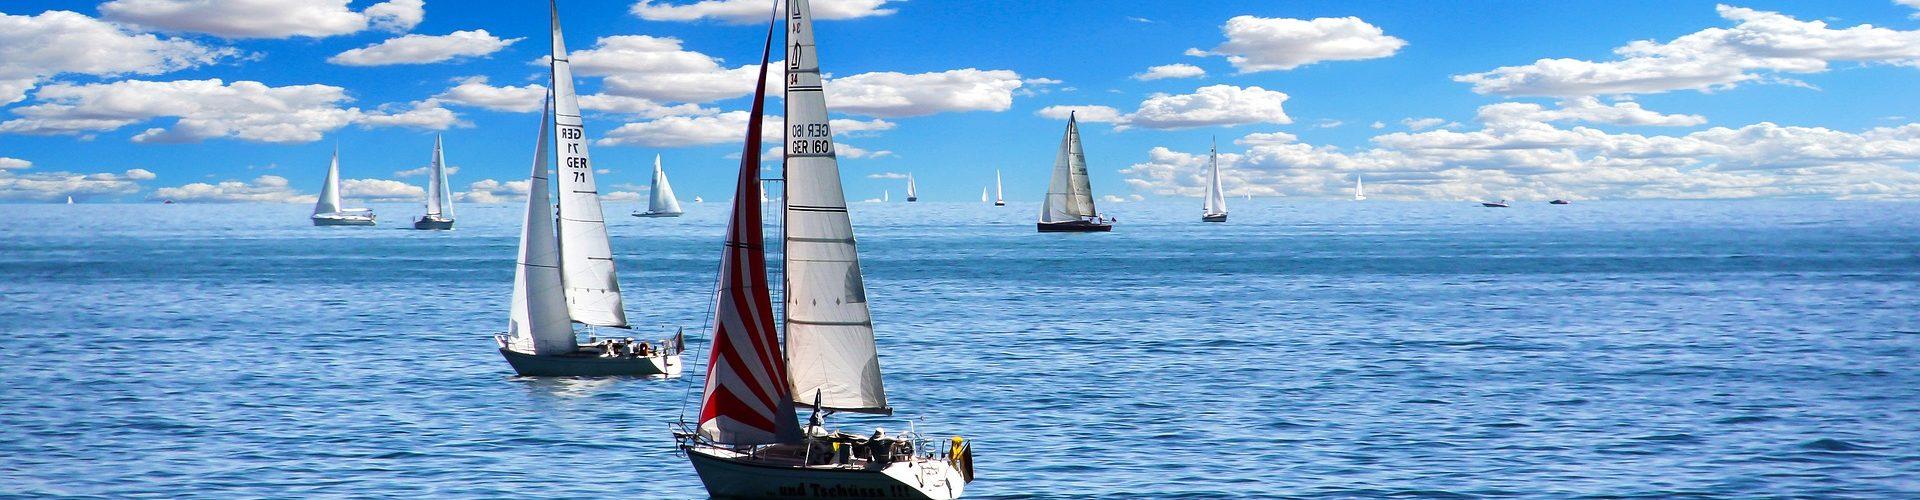 segeln lernen in Havelberg segelschein machen in Havelberg 1920x500 - Segeln lernen in Havelberg